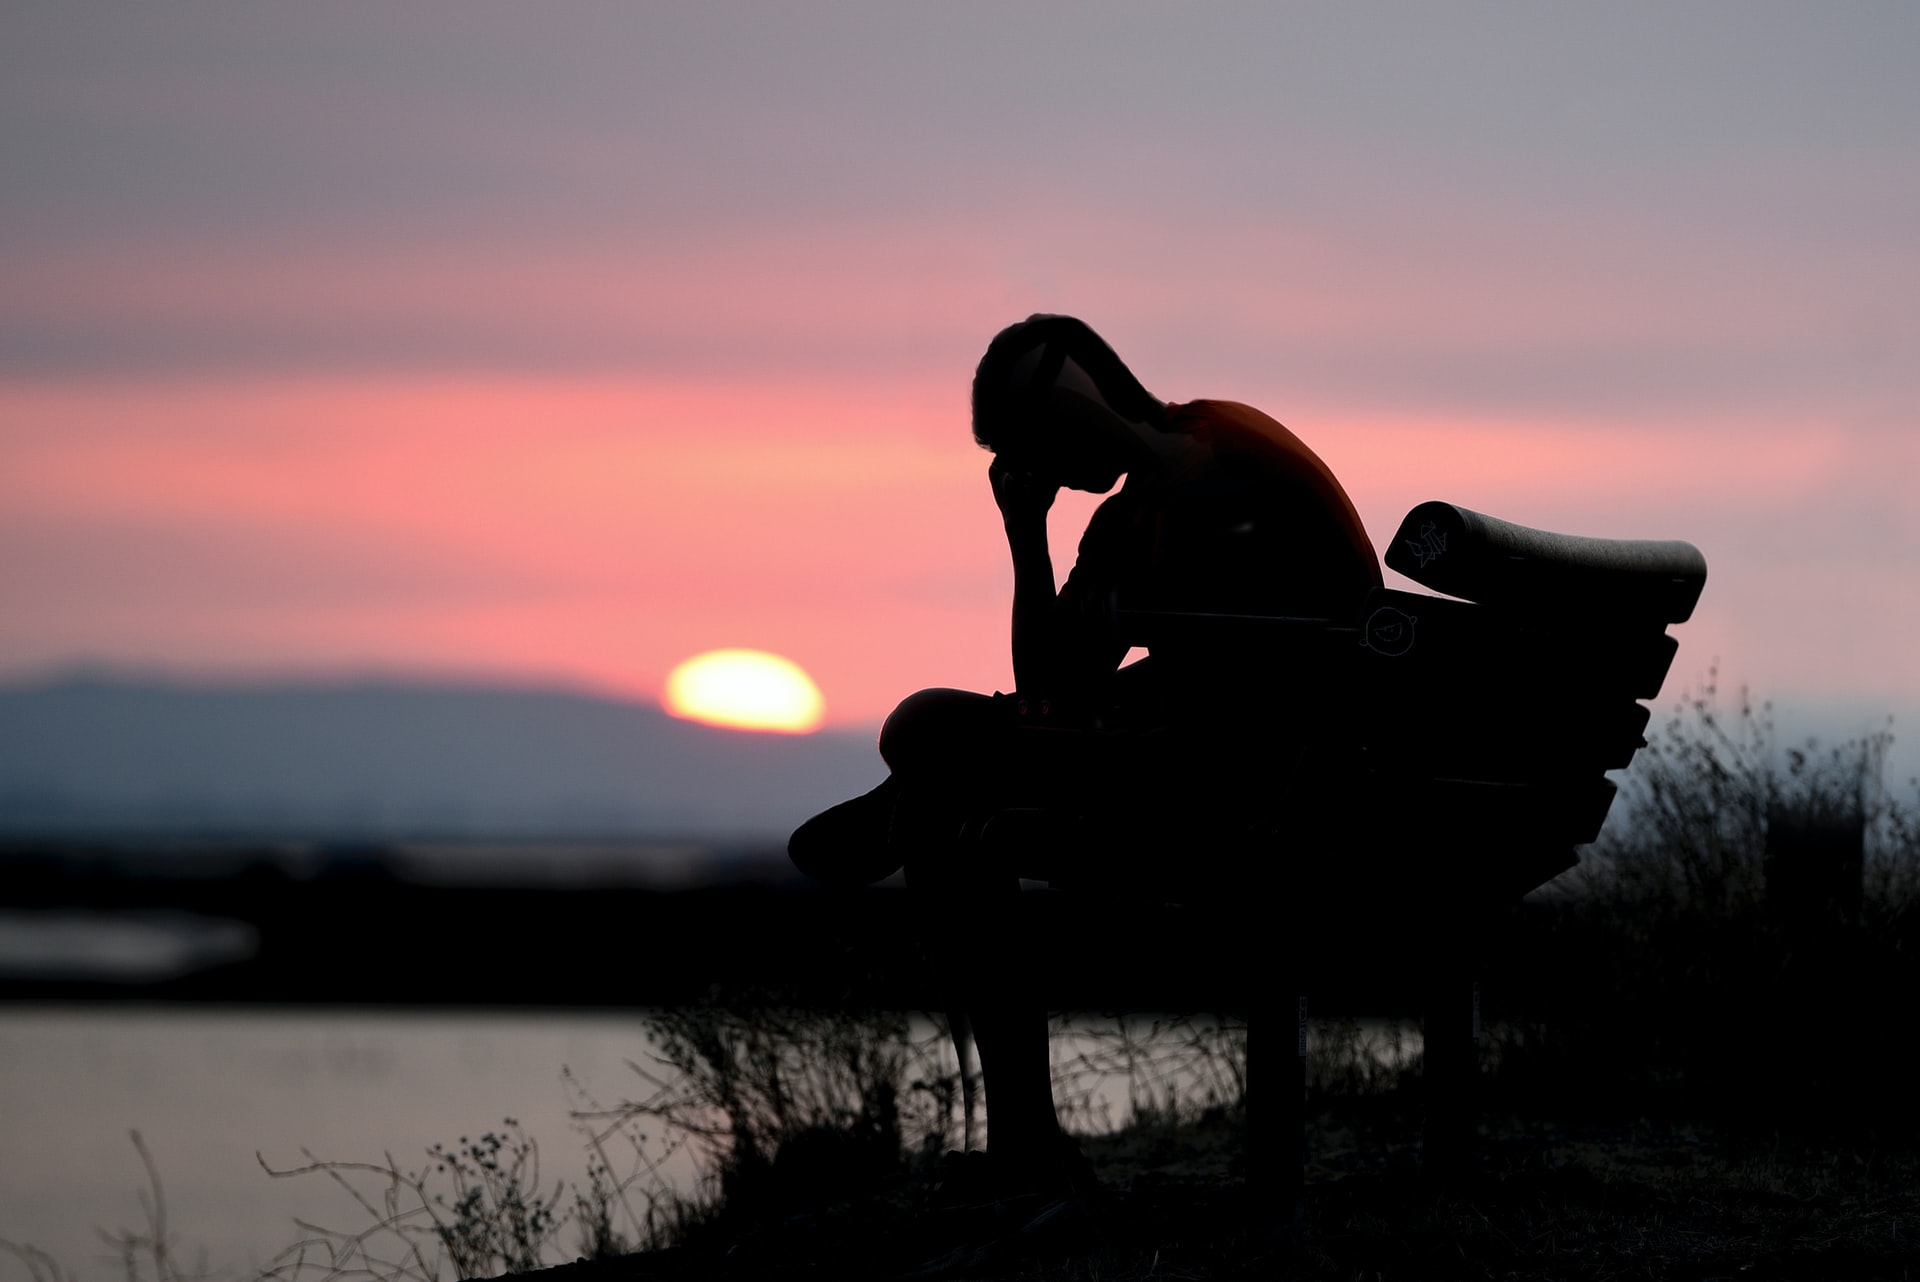 zastanawiający się nad czymś człowiek przy zachodzie słońca